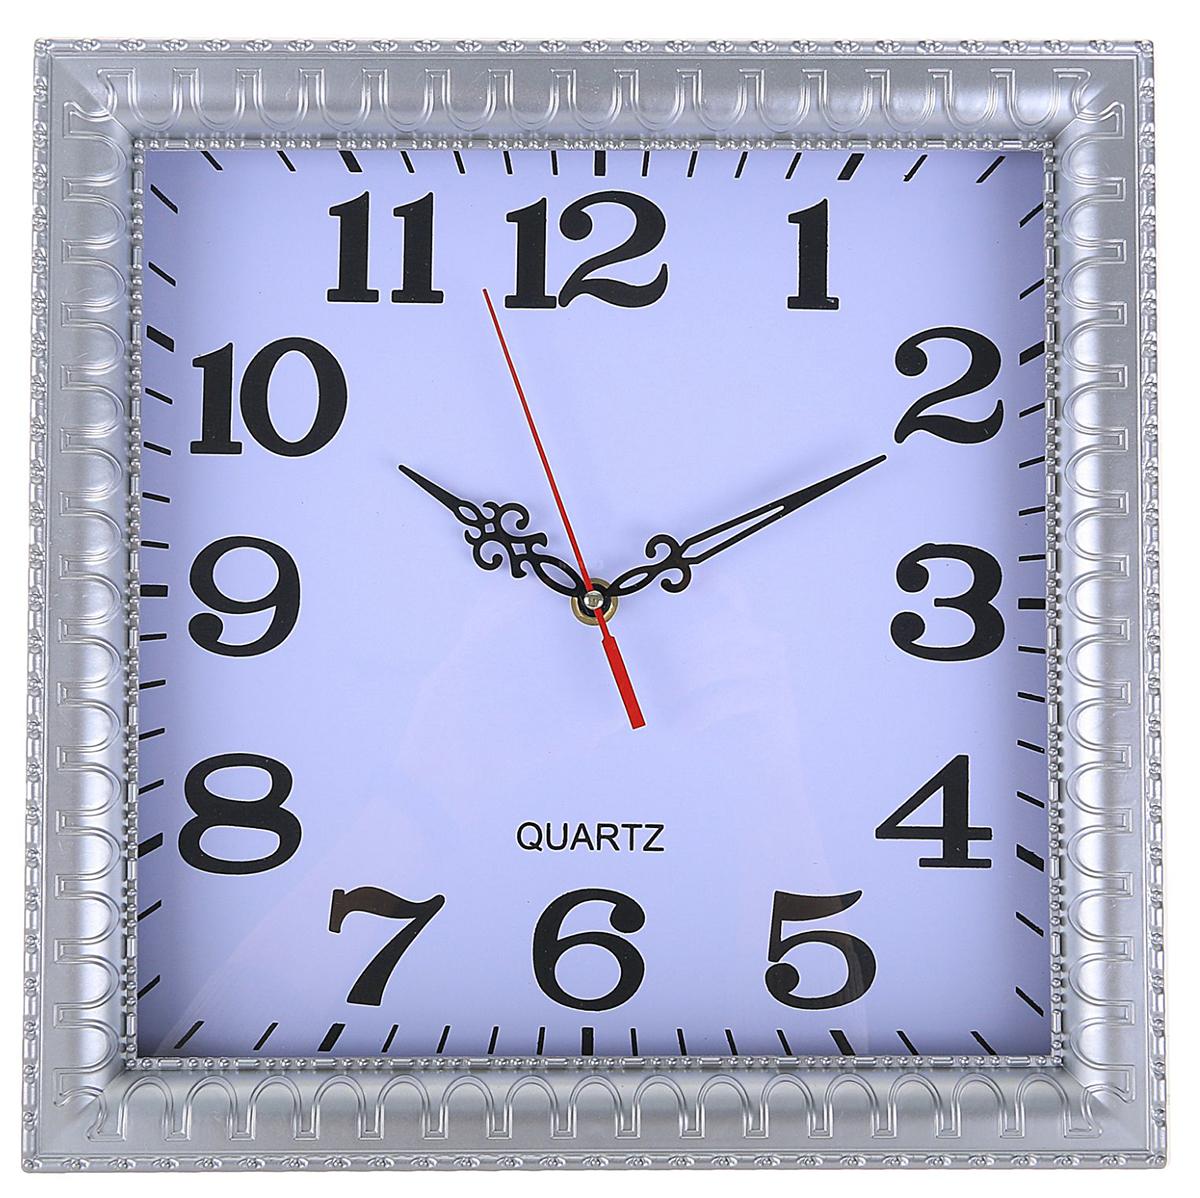 Часы настенные, цвет: серебристый, 32 х 32 см2334881Каждому хозяину периодически приходит мысль обновить свою квартиру, сделать ремонт, перестановку или кардинально поменять внешний вид каждой комнаты. — привлекательная деталь, которая поможет воплотить вашу интерьерную идею, создать неповторимую атмосферу в вашем доме. Окружите себя приятными мелочами, пусть они радуют глаз и дарят гармонию.Часы настенные классика, ребристый обод, серебр, квадрат, 32*3см 2334881